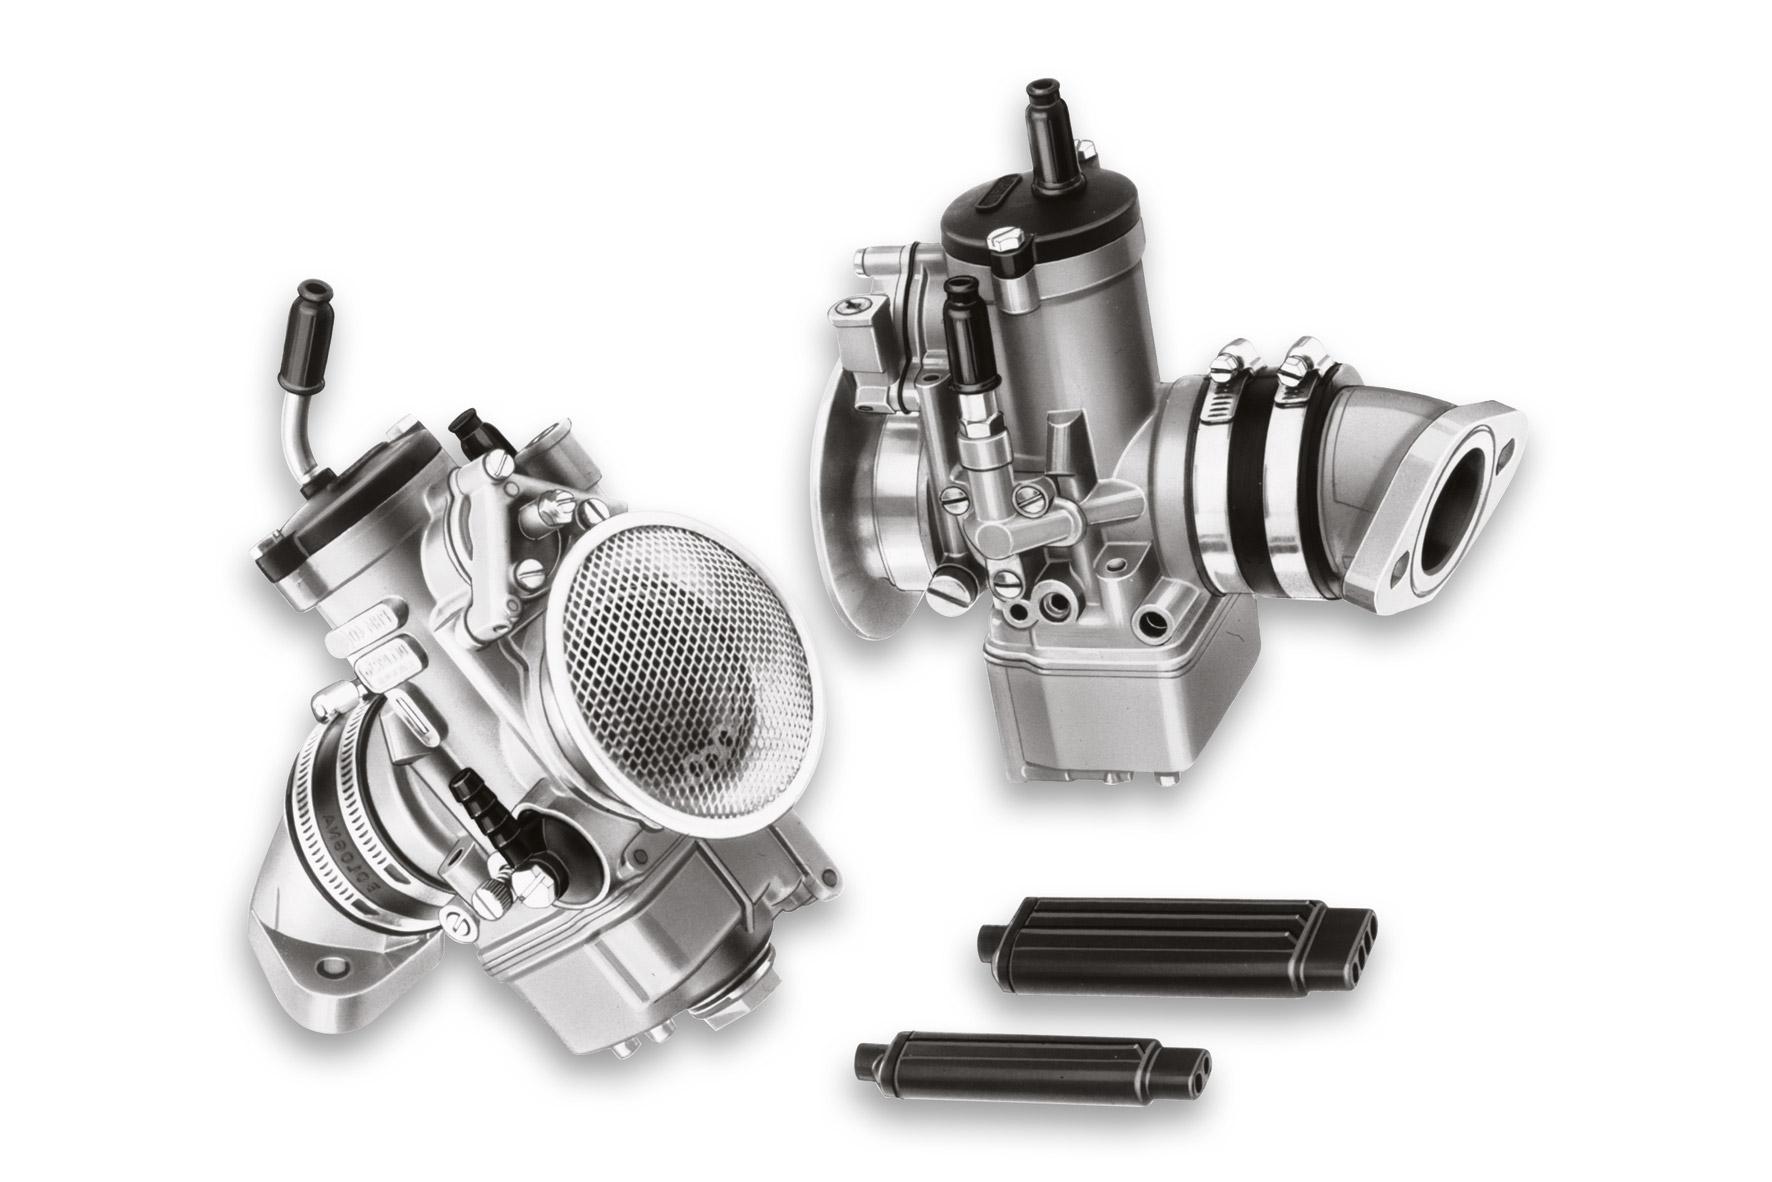 Impianto alimentazione PHM 40 A per Ducati Replica - SS 900 cc